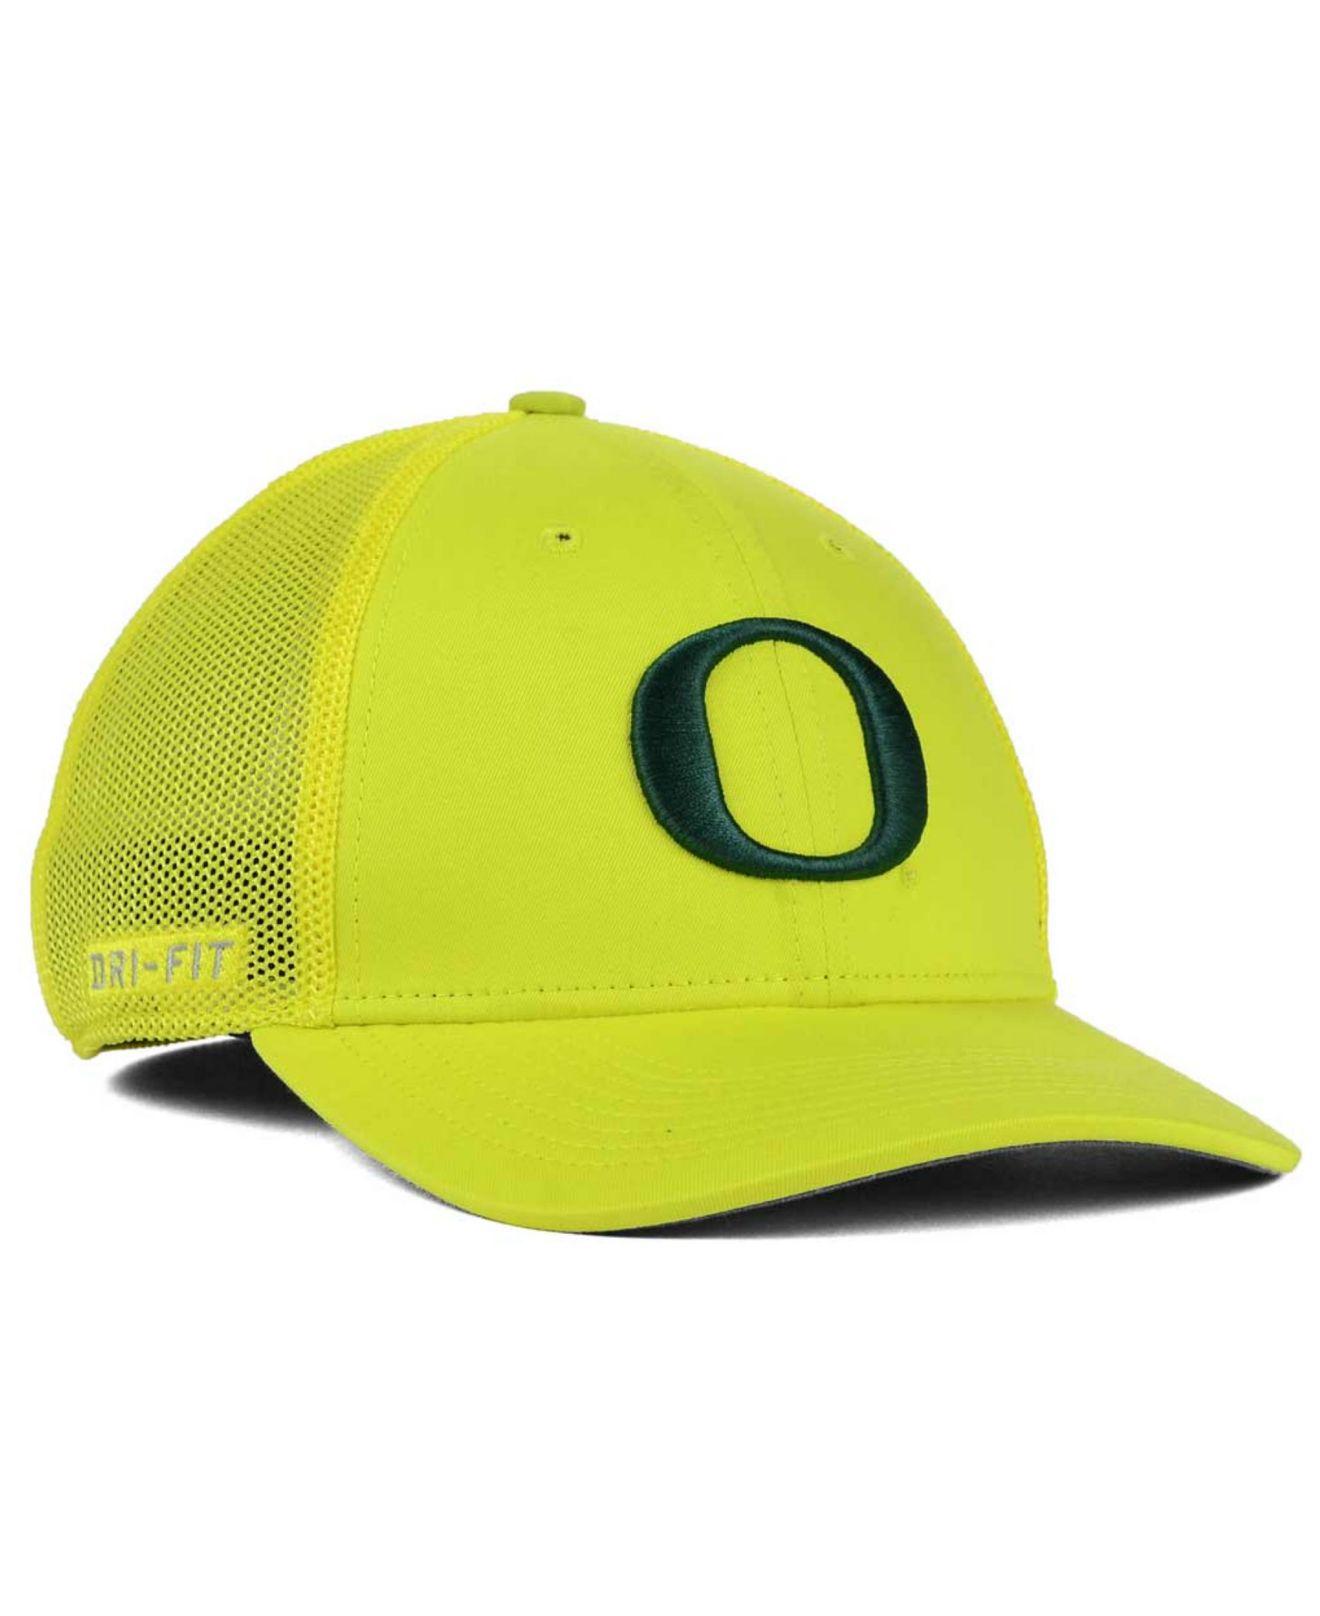 28d3fbcf39f73 Lyst - Nike Oregon Ducks L91 Swoosh Flex Stretch-fit Cap in Yellow ...